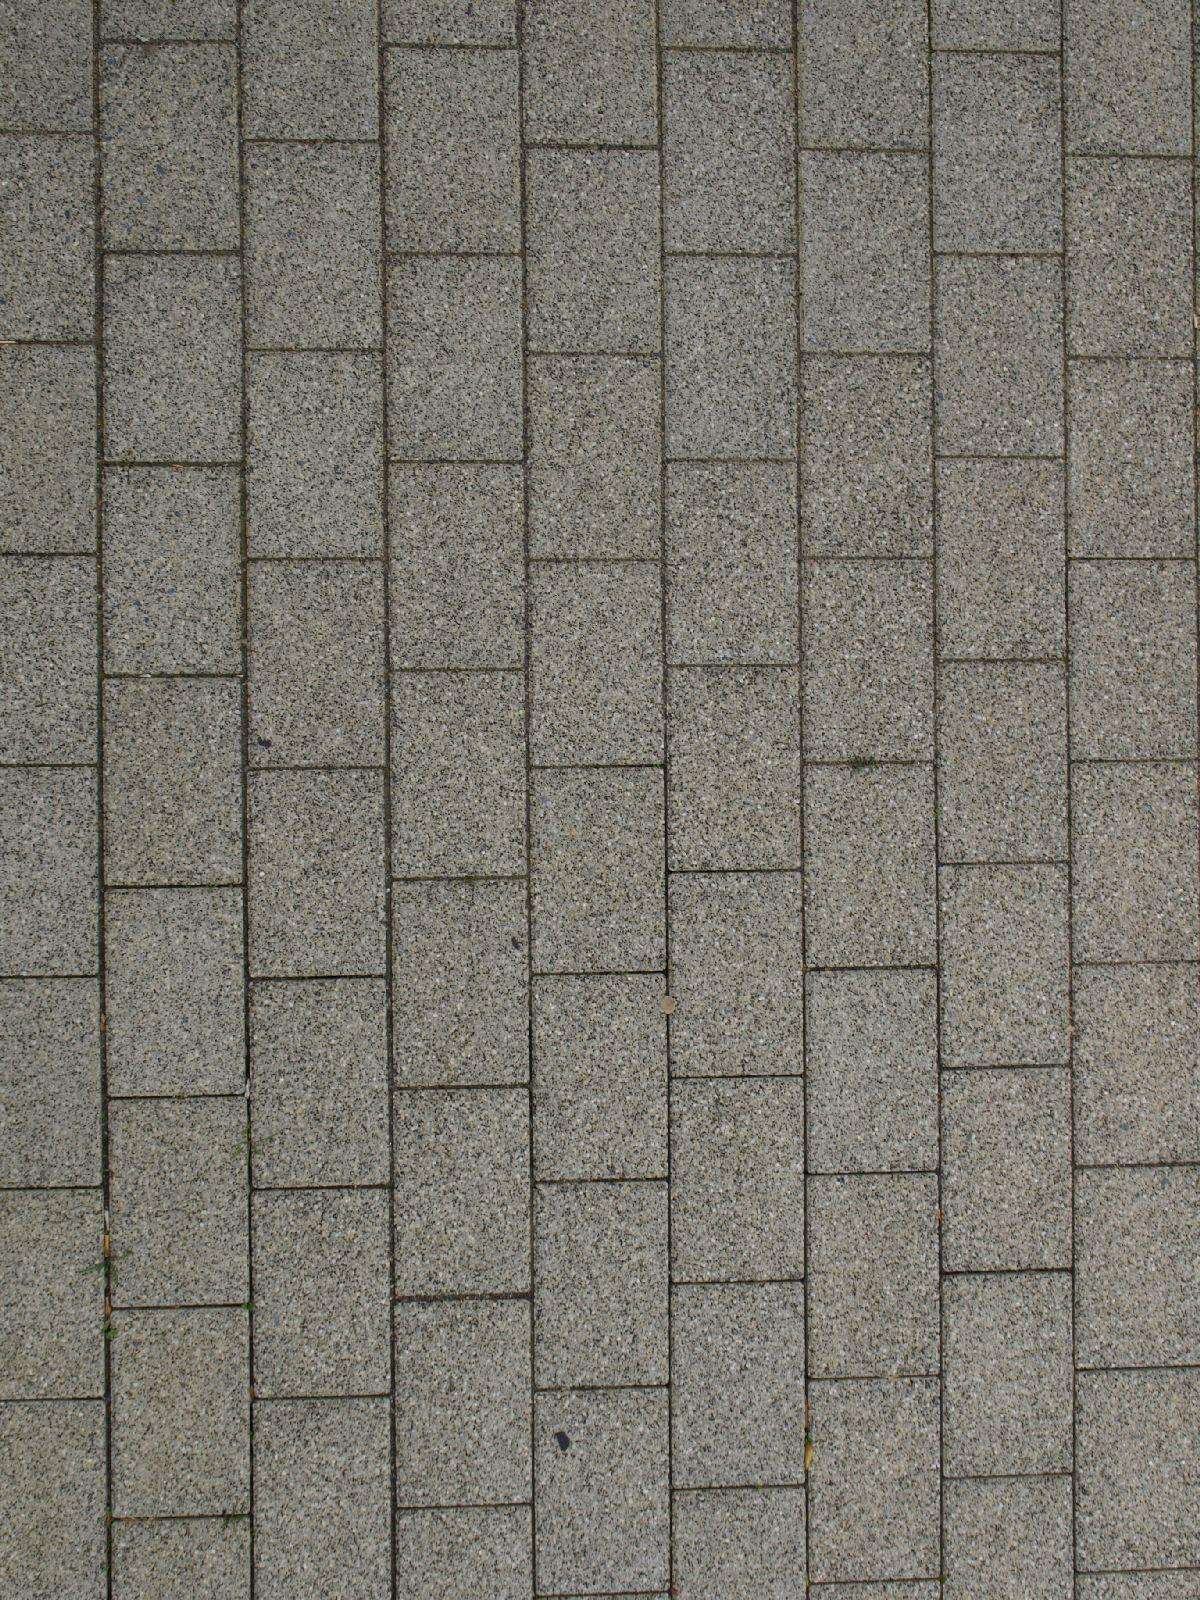 Boden-Gehweg-Strasse-Buergersteig-Textur_A_P9014731